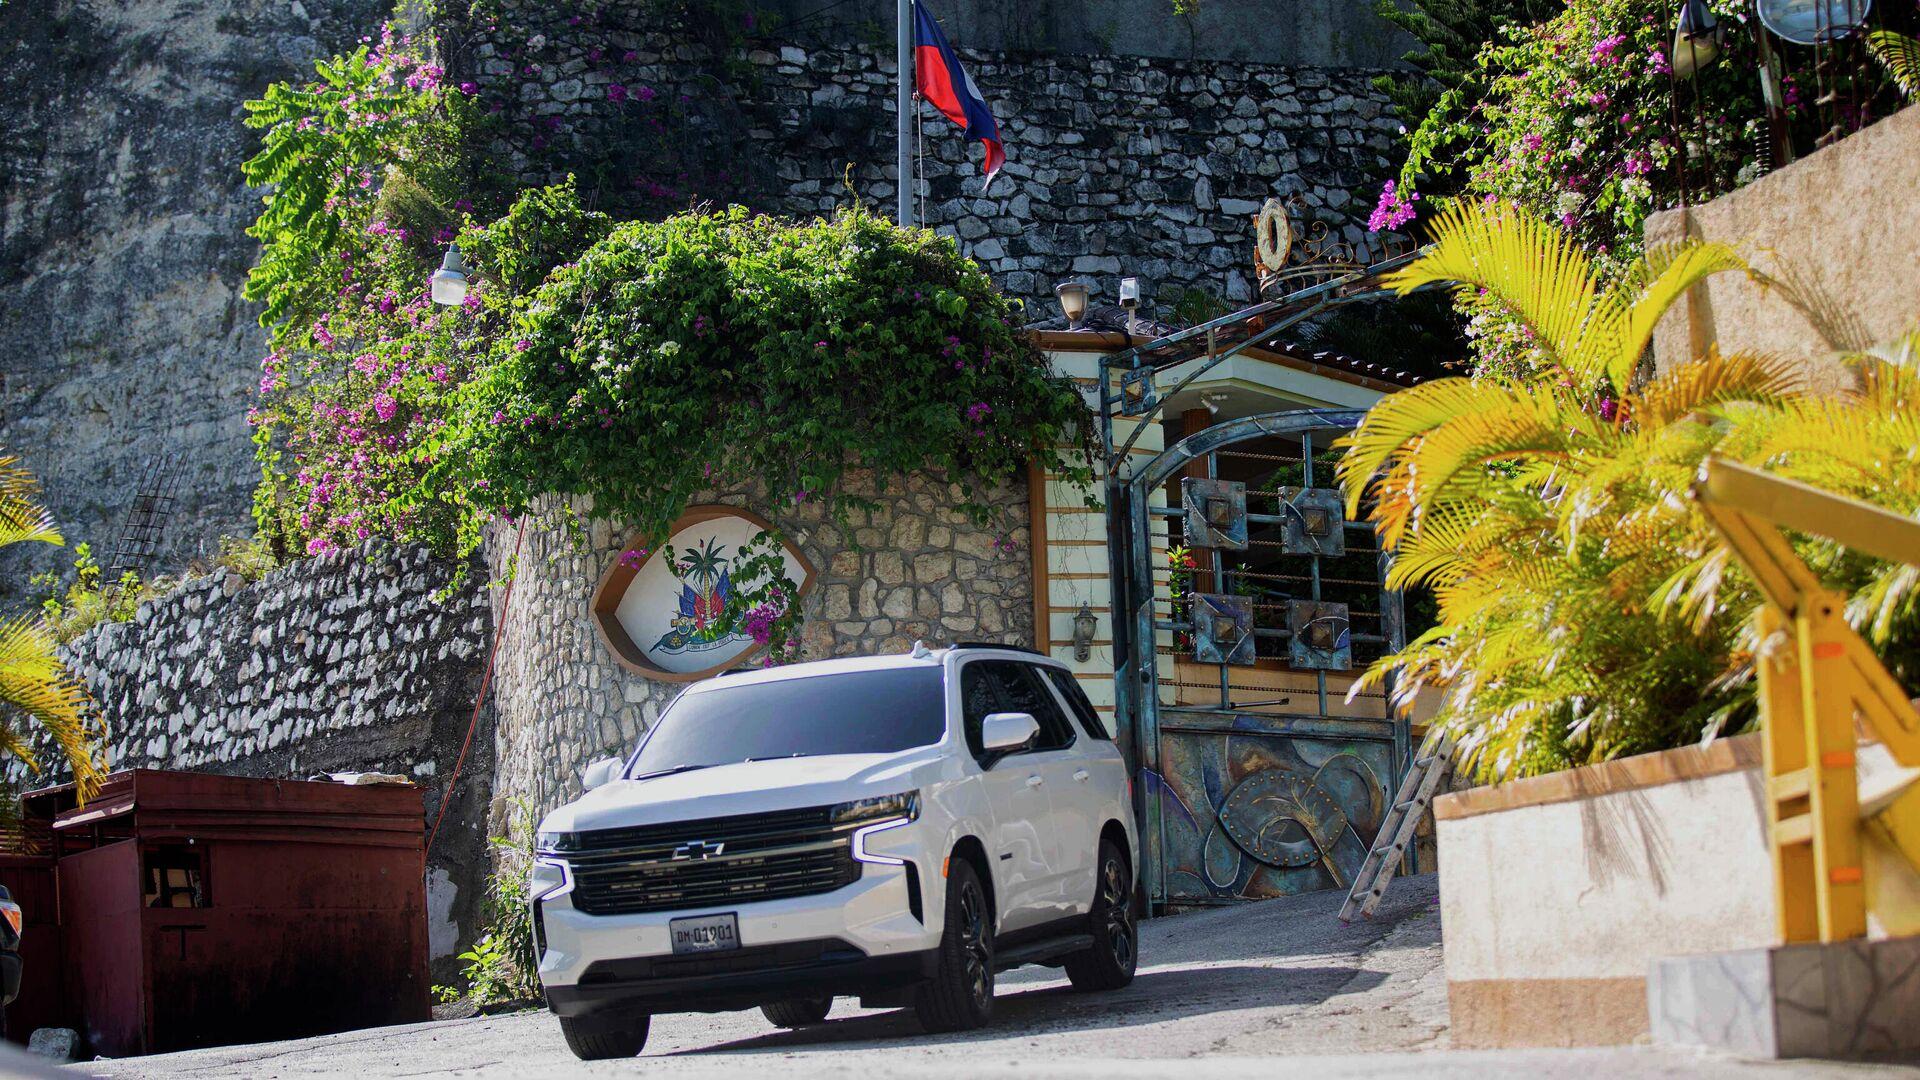 Автомобиль выезжает из резиденции покойного президента Гаити Жовенеля Моиса в Порт-о-Пренсе - РИА Новости, 1920, 08.07.2021